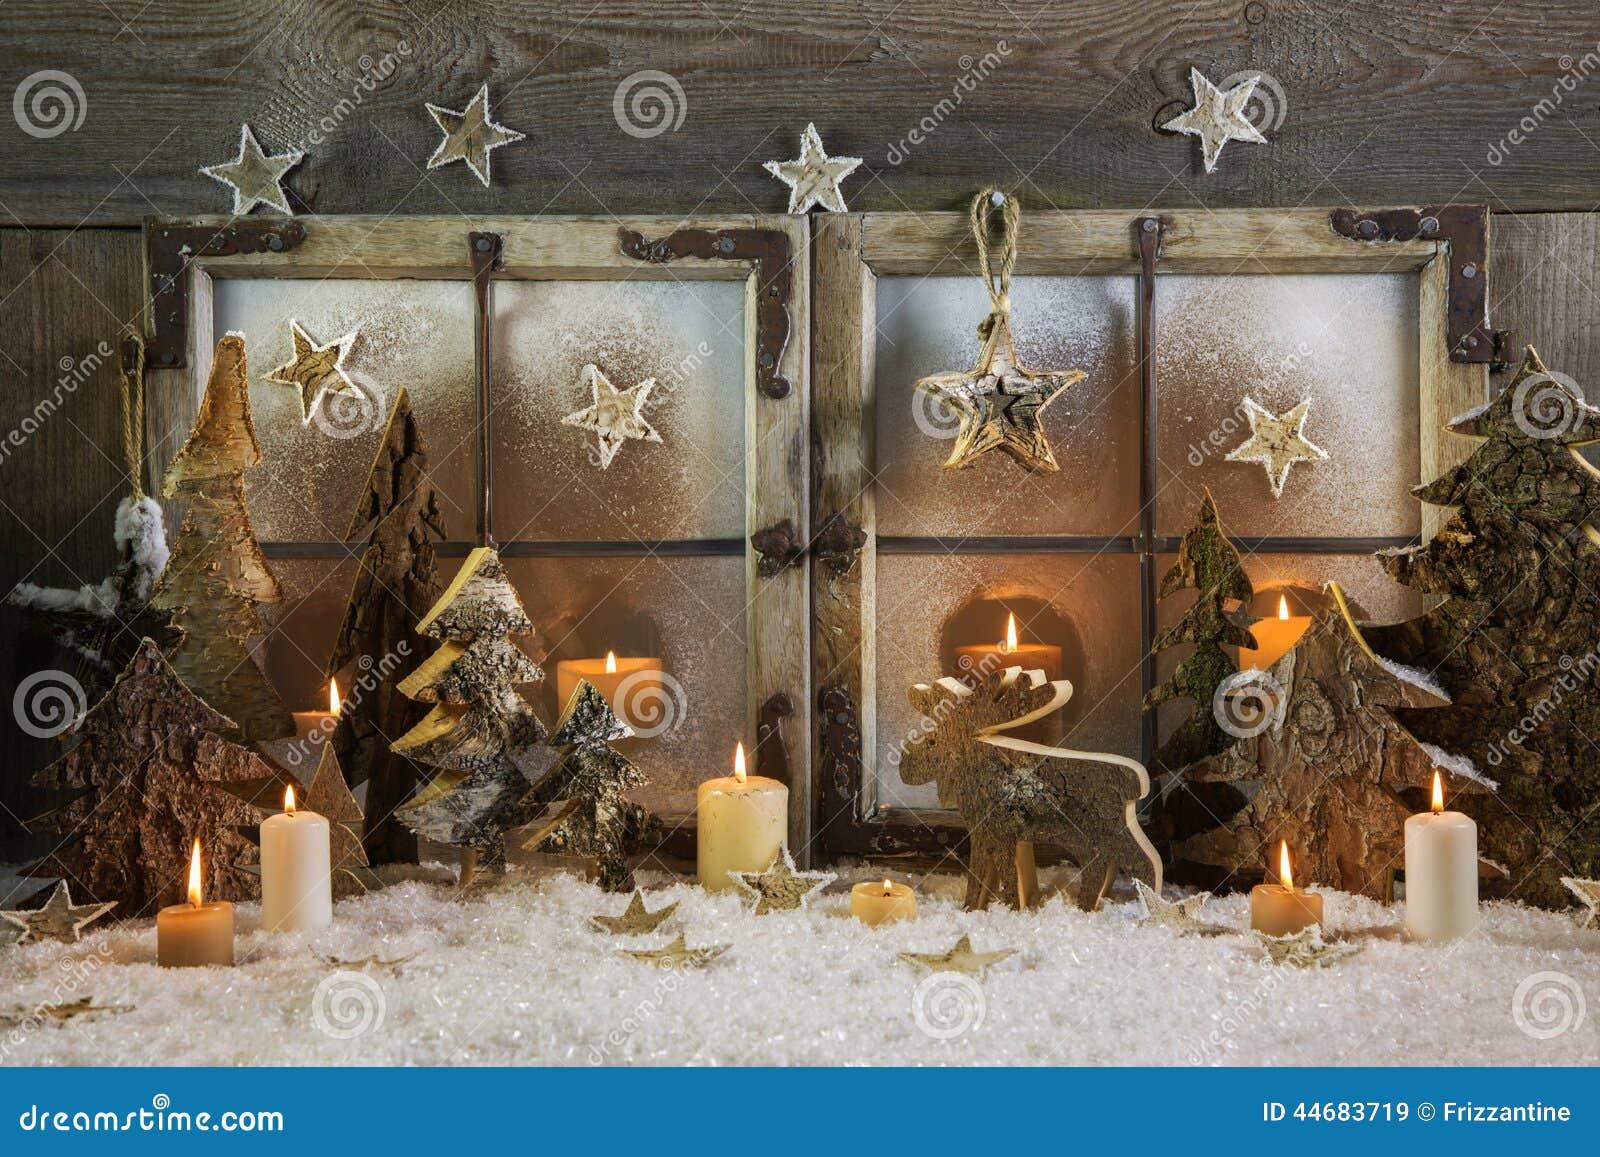 Handmade Outdoor Christmas Decorations. Christmas Decorations Made From Natural Resources  handmade christmas decoration of wood outdoor in Estrellas de